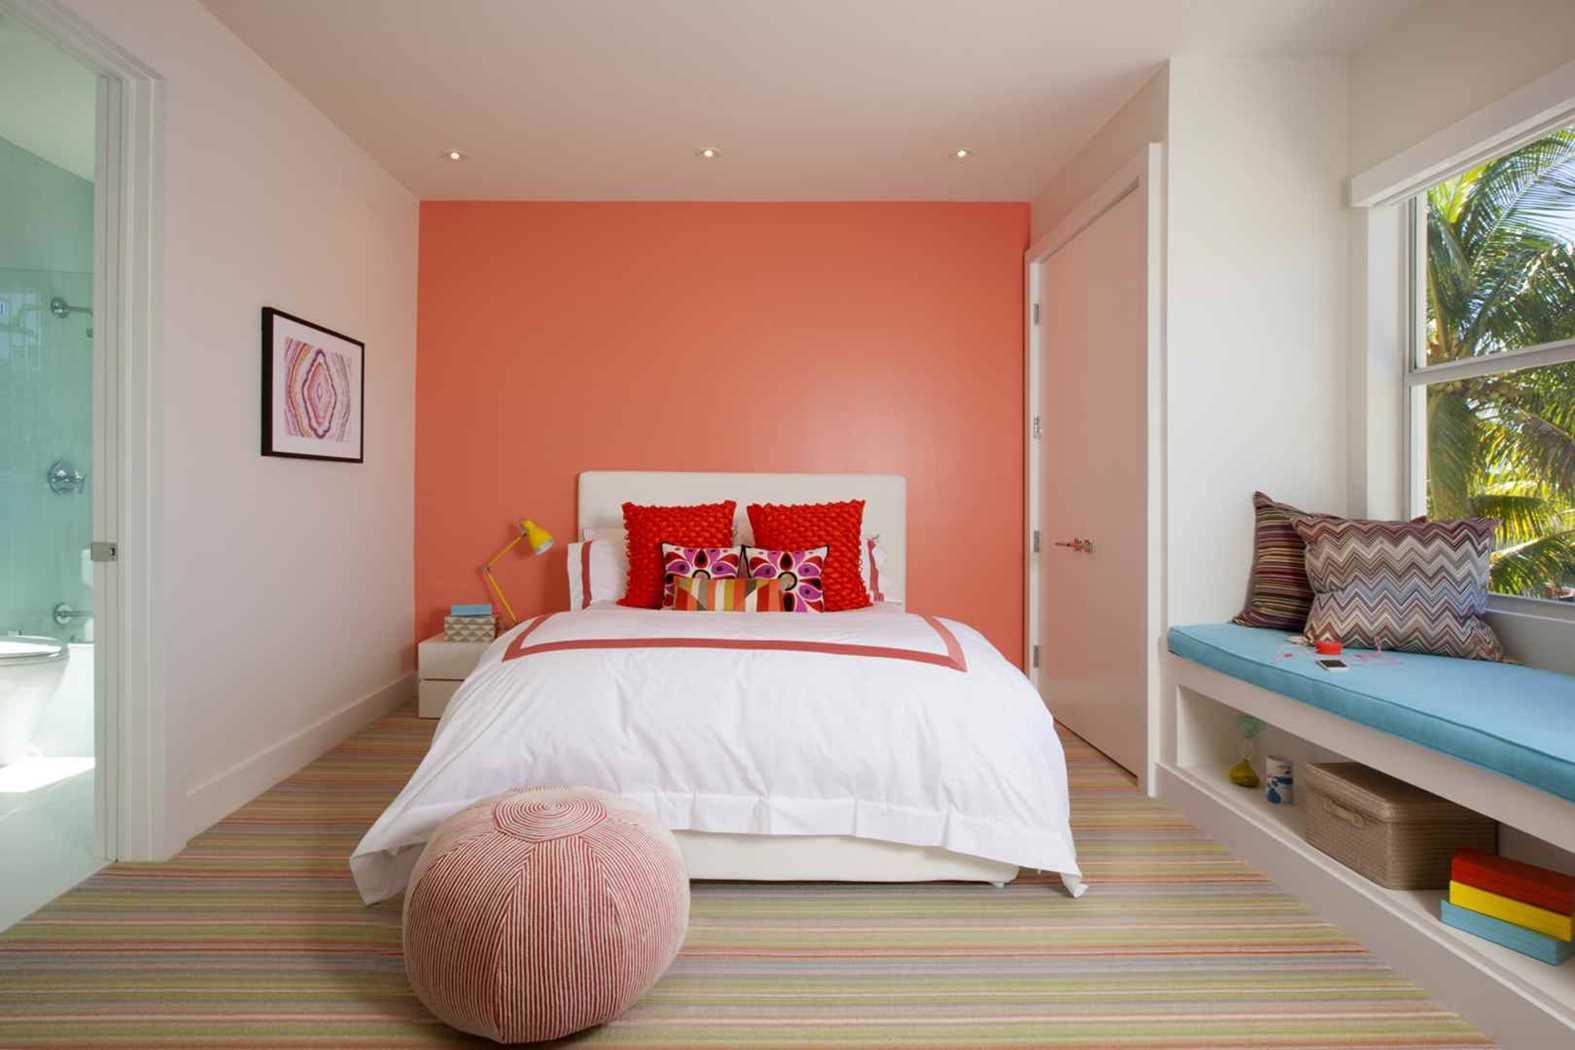 Дизайн комнаты персиковый цвет